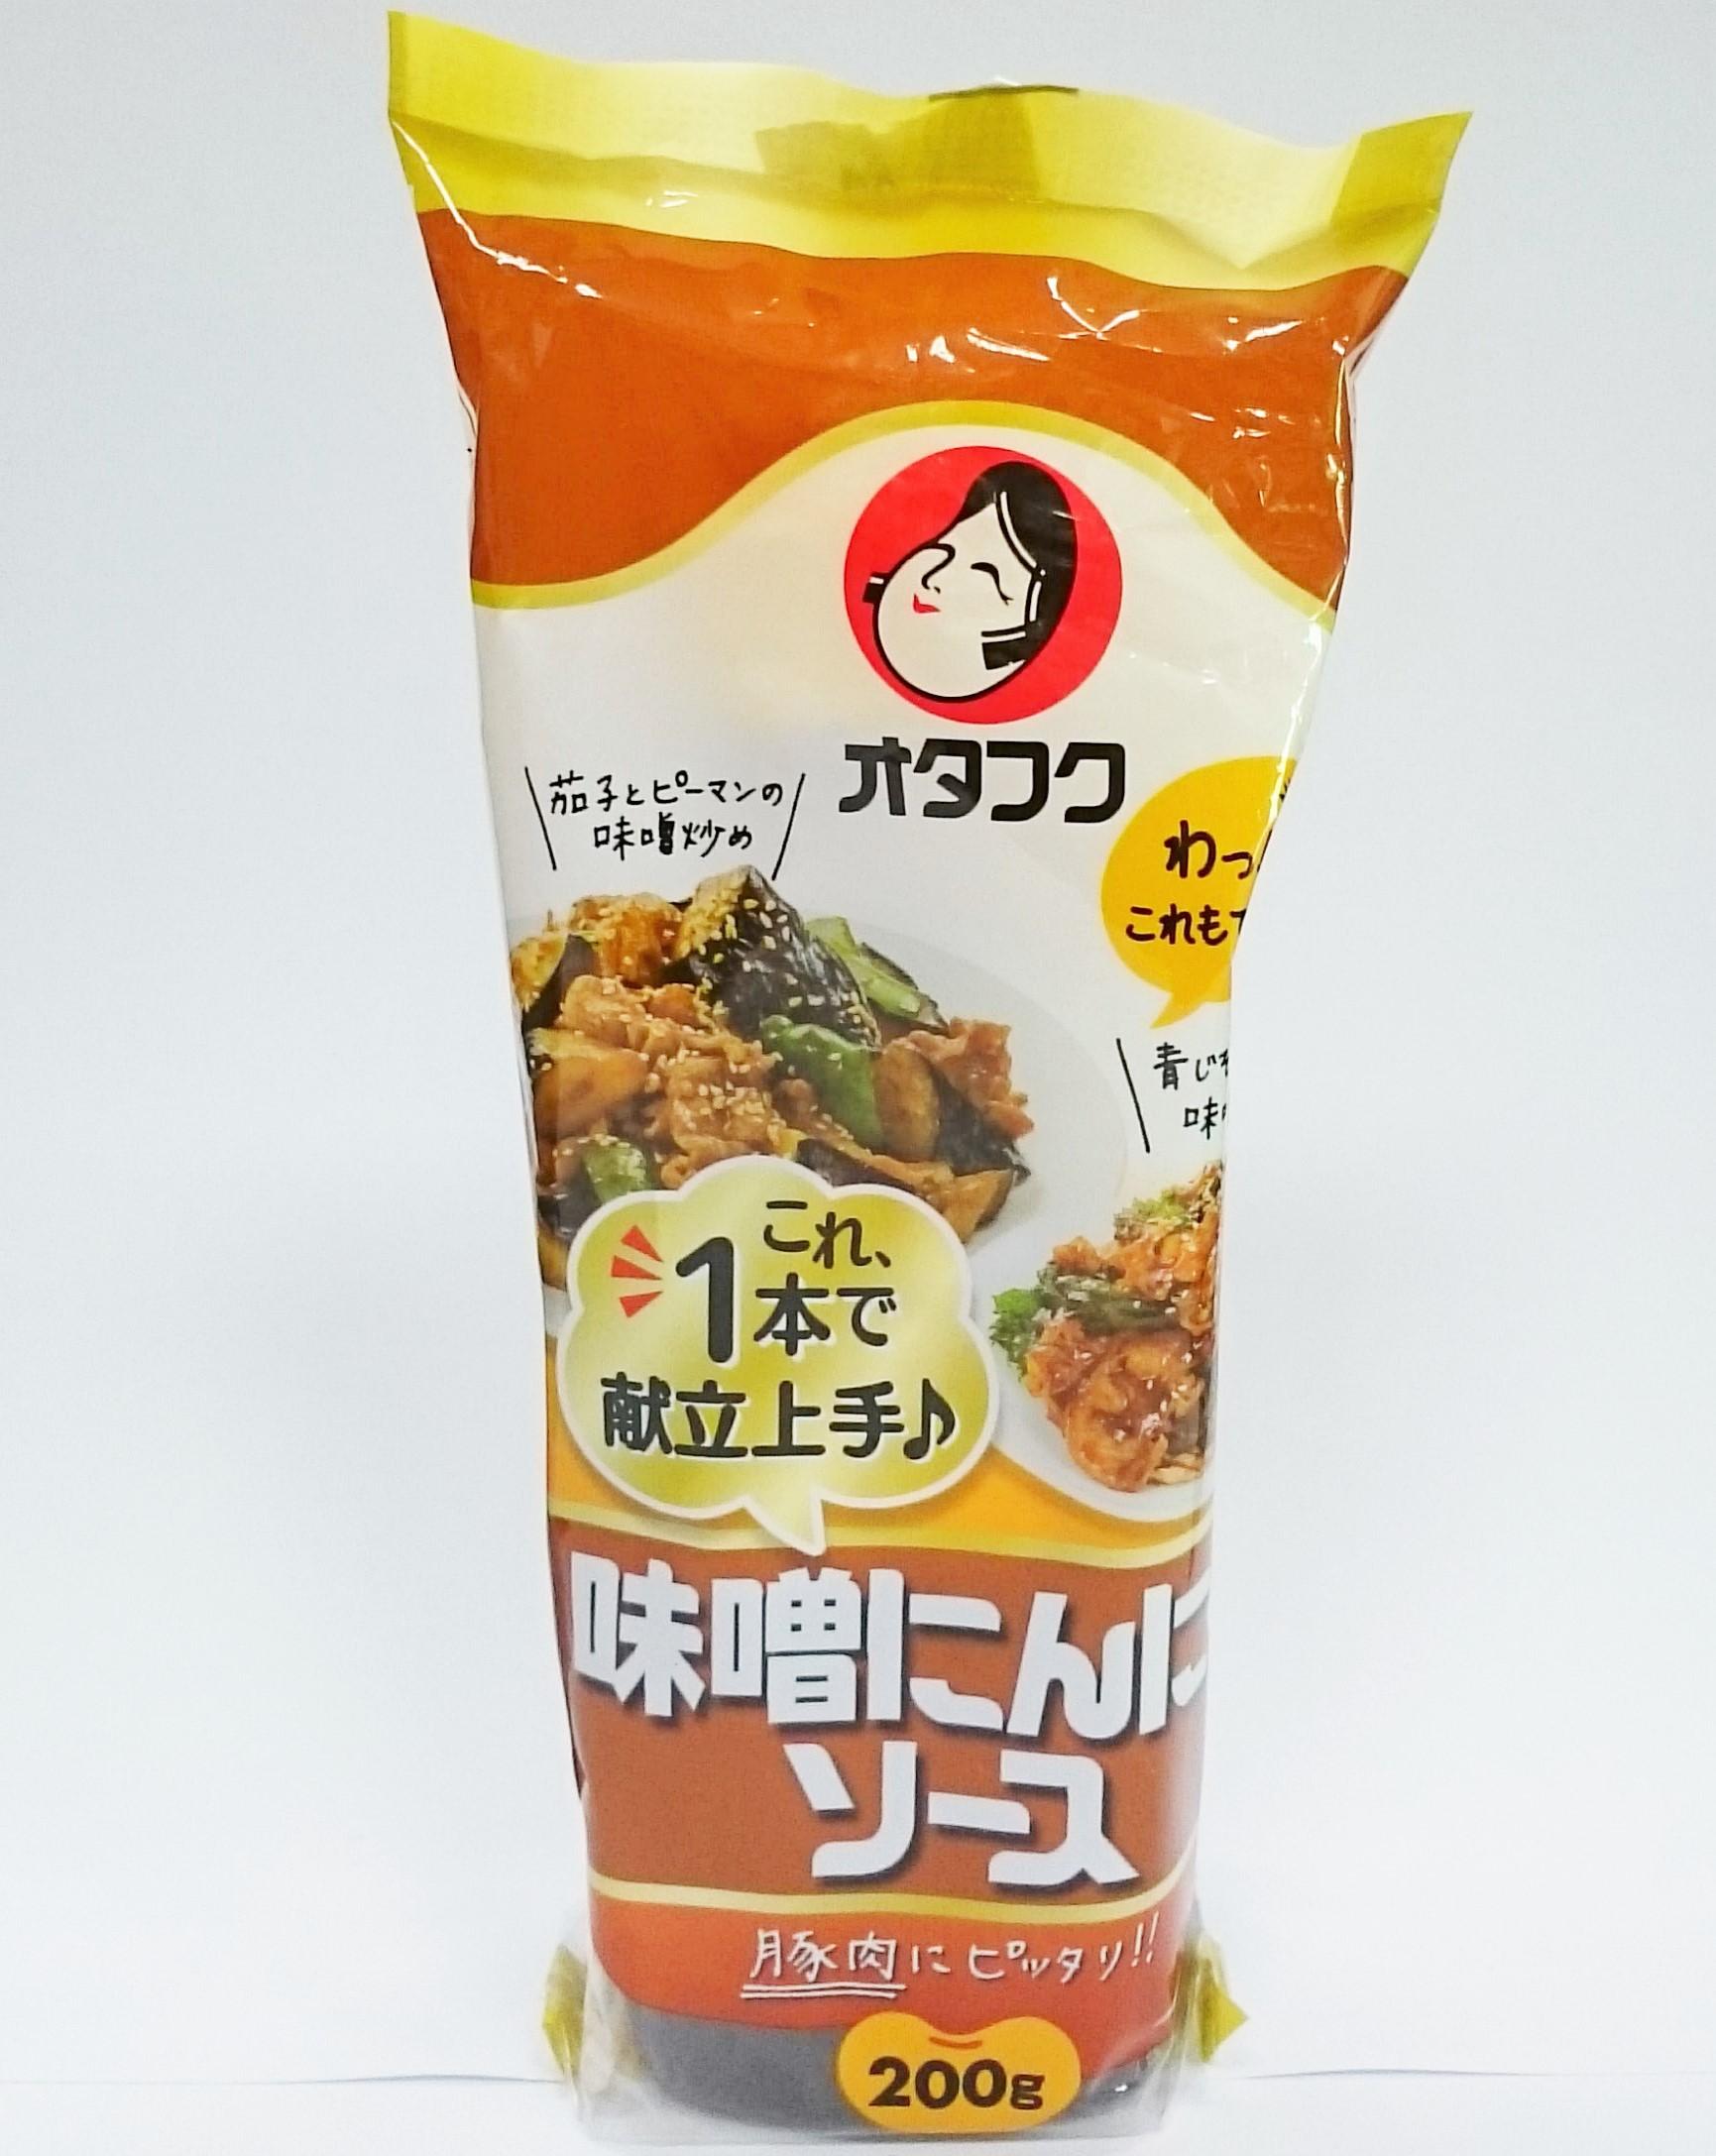 【橘町五丁目】日本 OTAFUKU 多福味噌蒜泥調味醬 炒肉片、回鍋肉、炒青椒茄子 都簡單上手